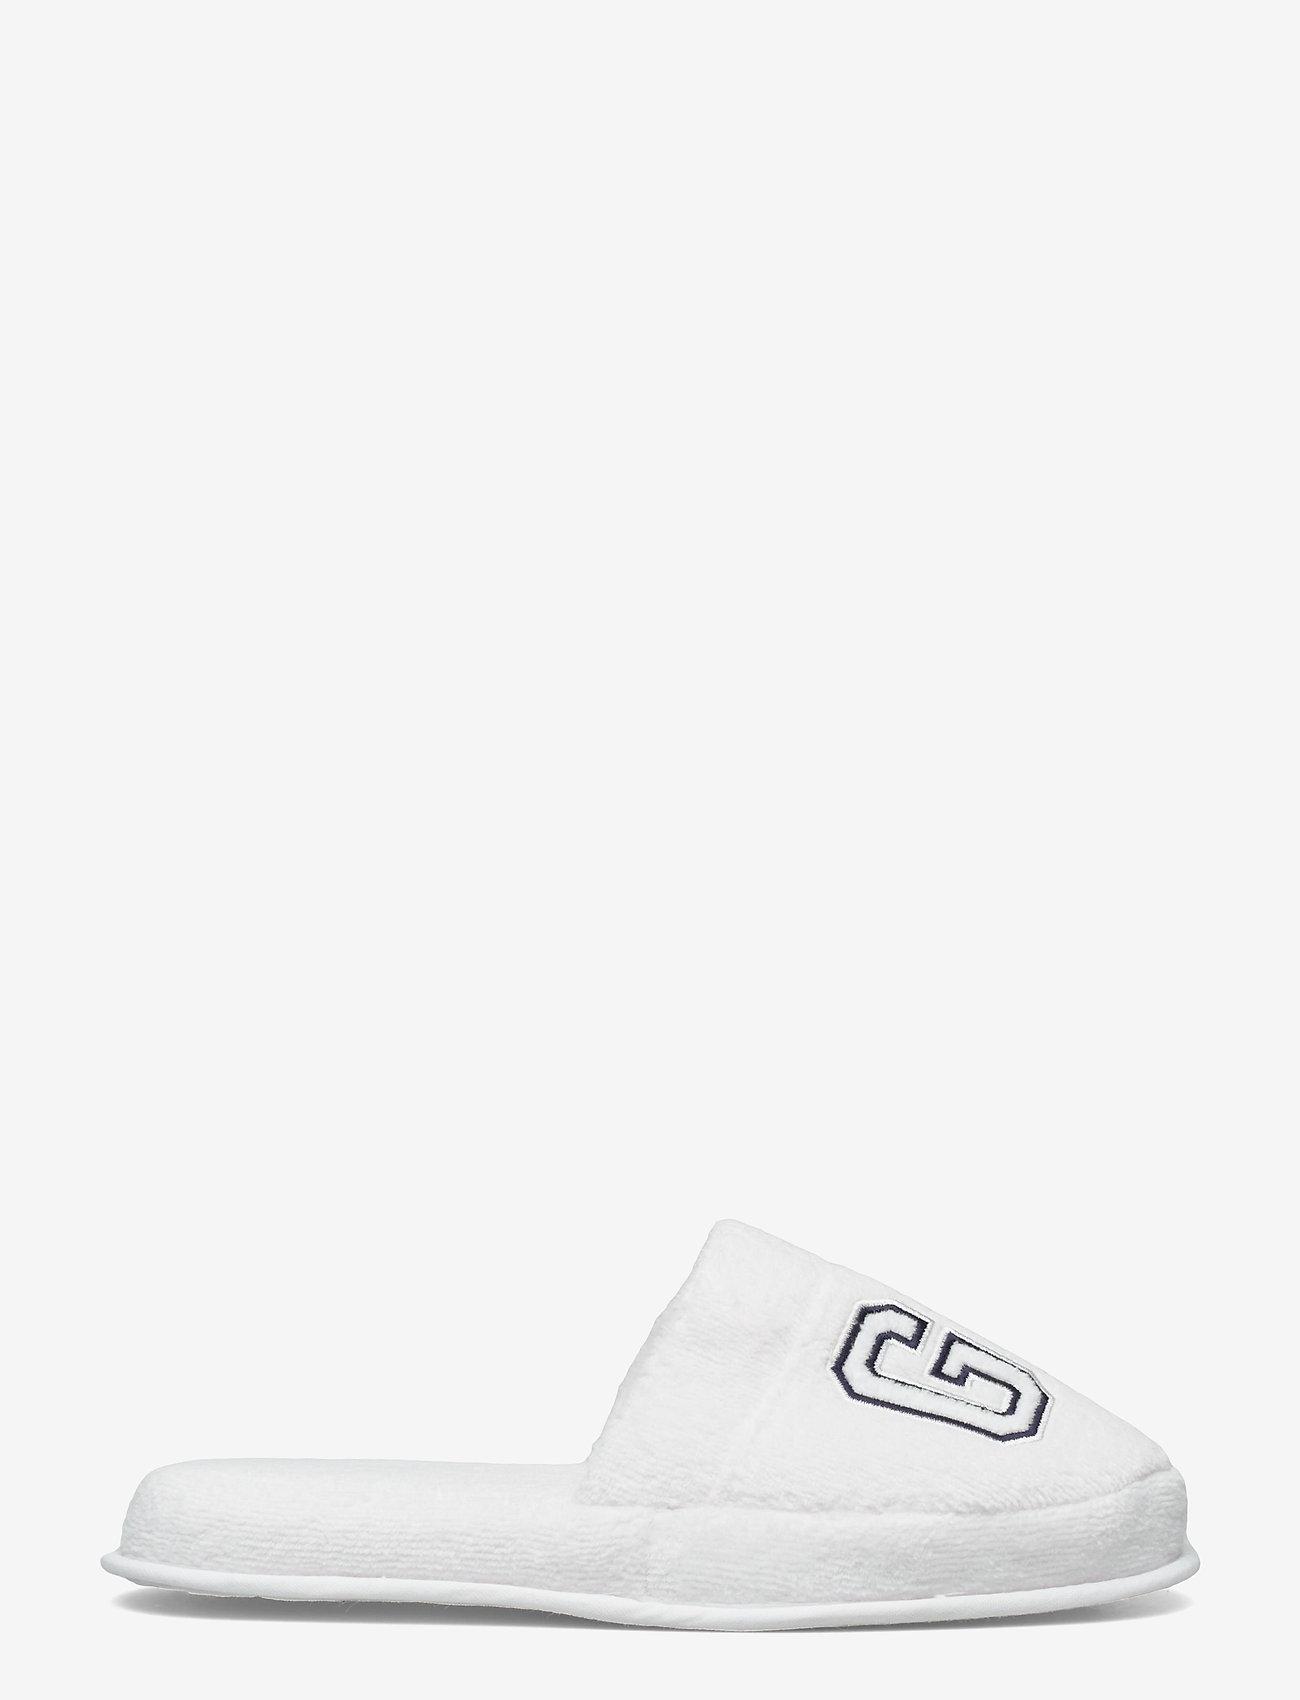 GANT - VACAY SLIPPERS - odzież - white - 0